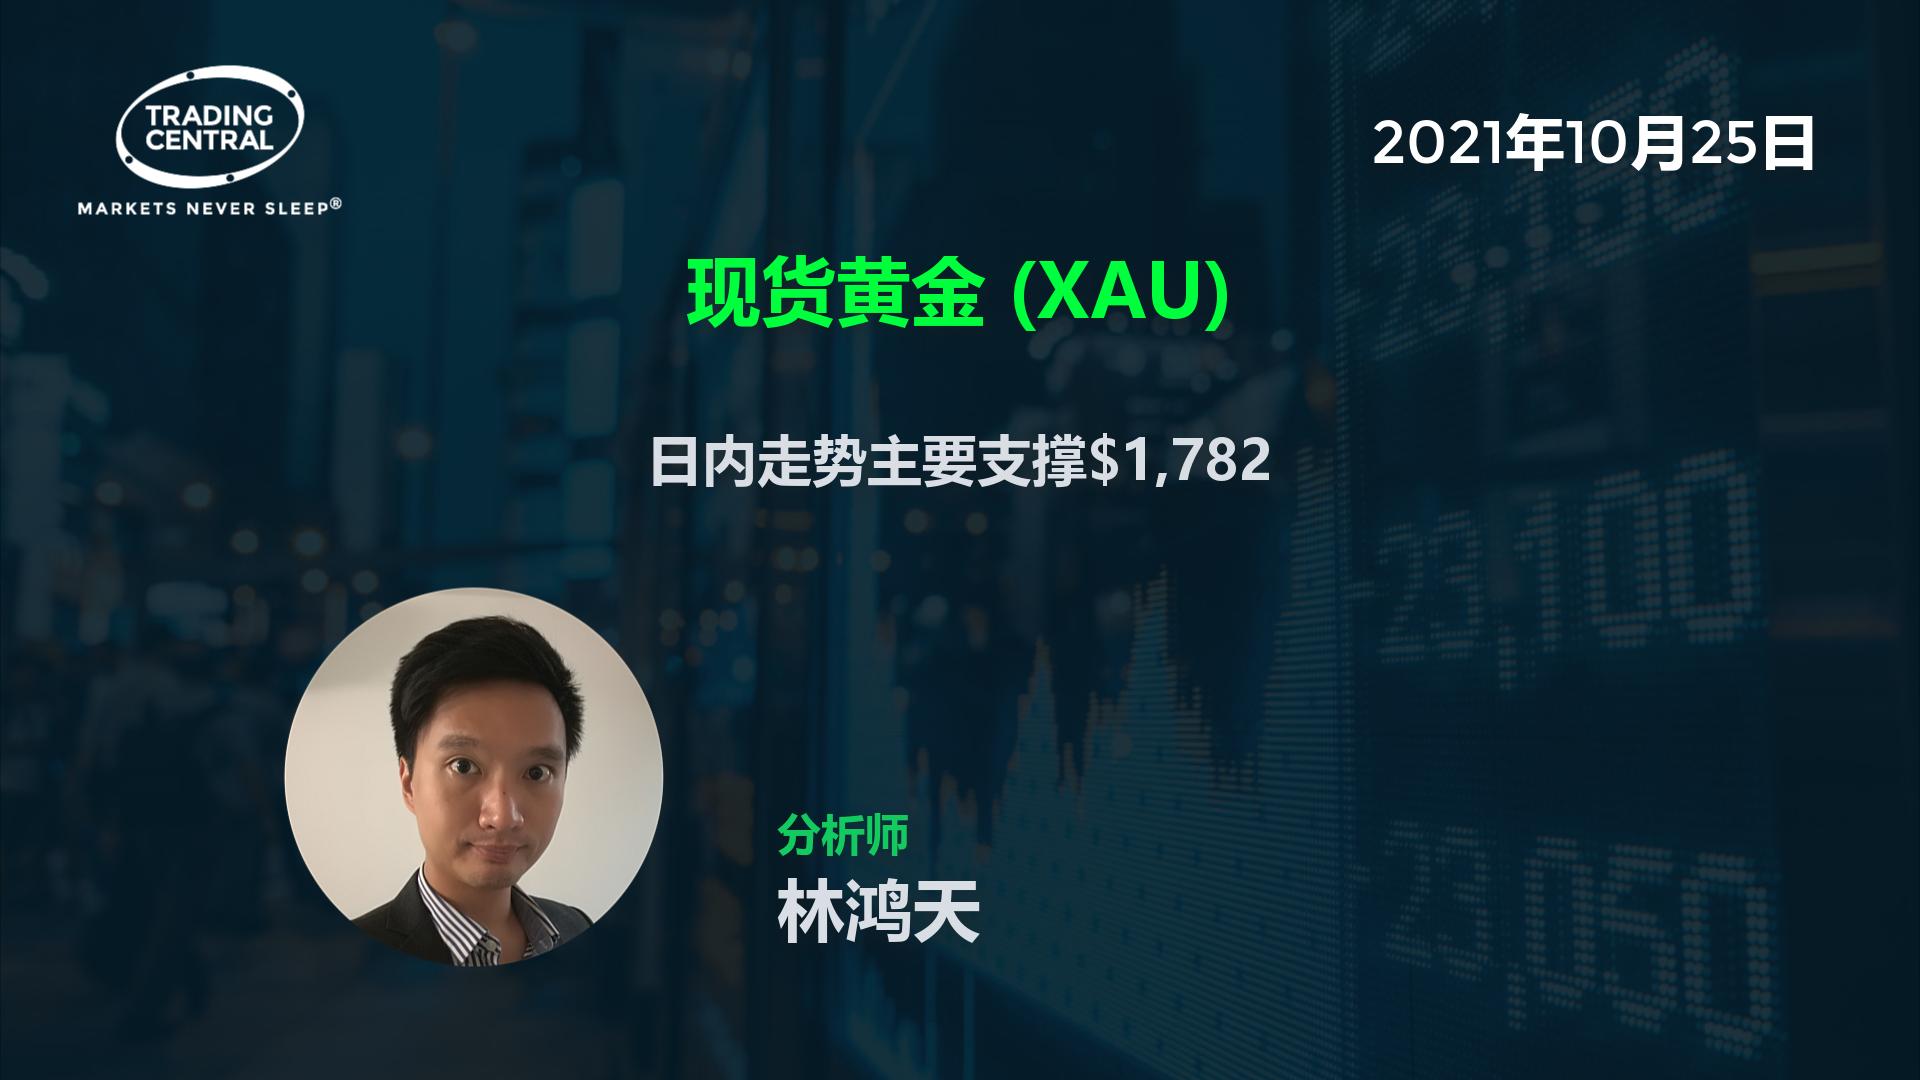 现货黄金 (XAU) - 日内走势主要支撑$1,782